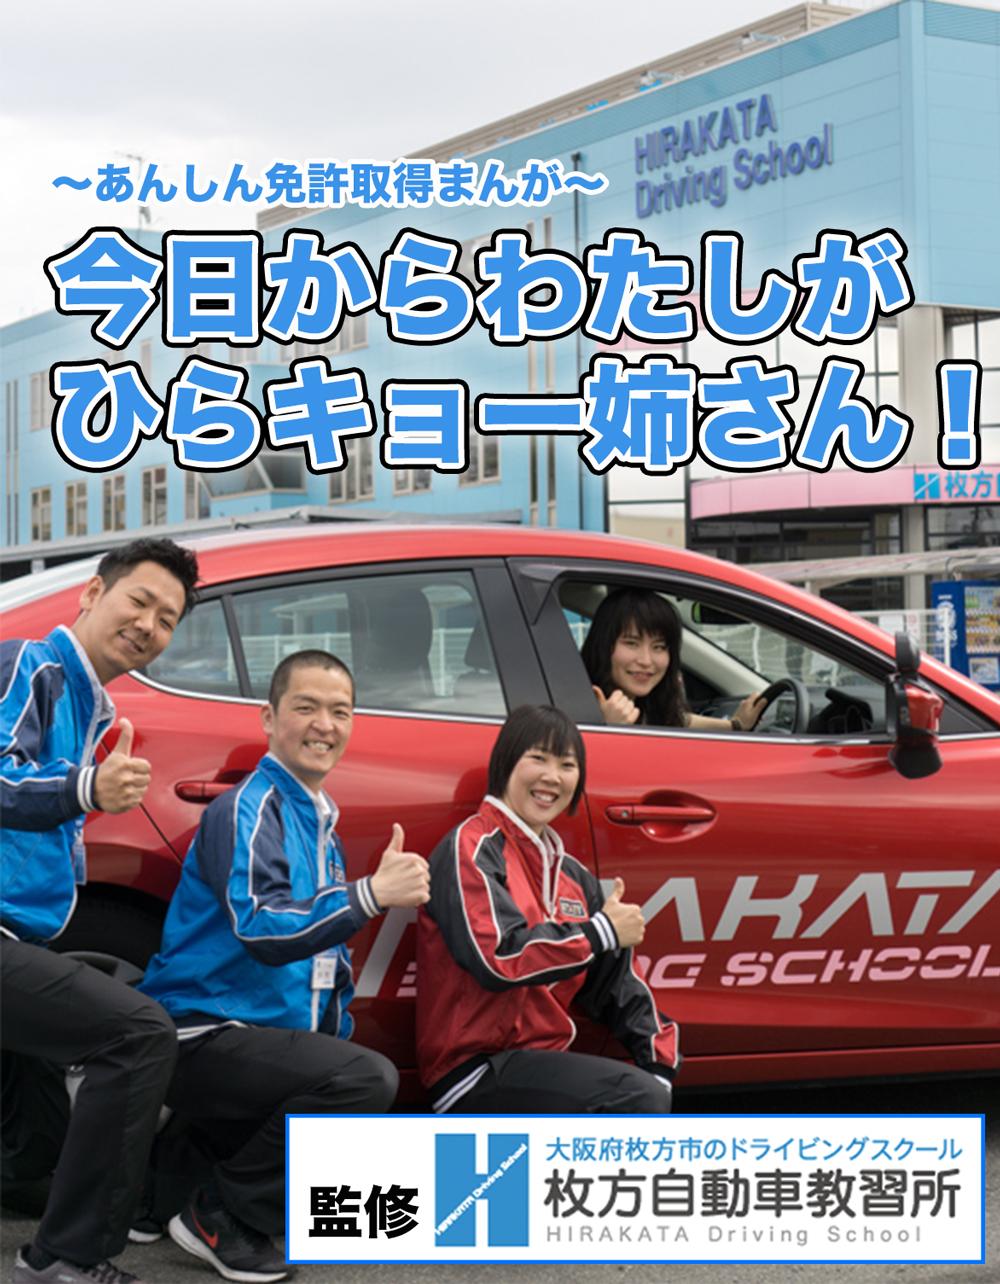 枚方自動車教習所-top